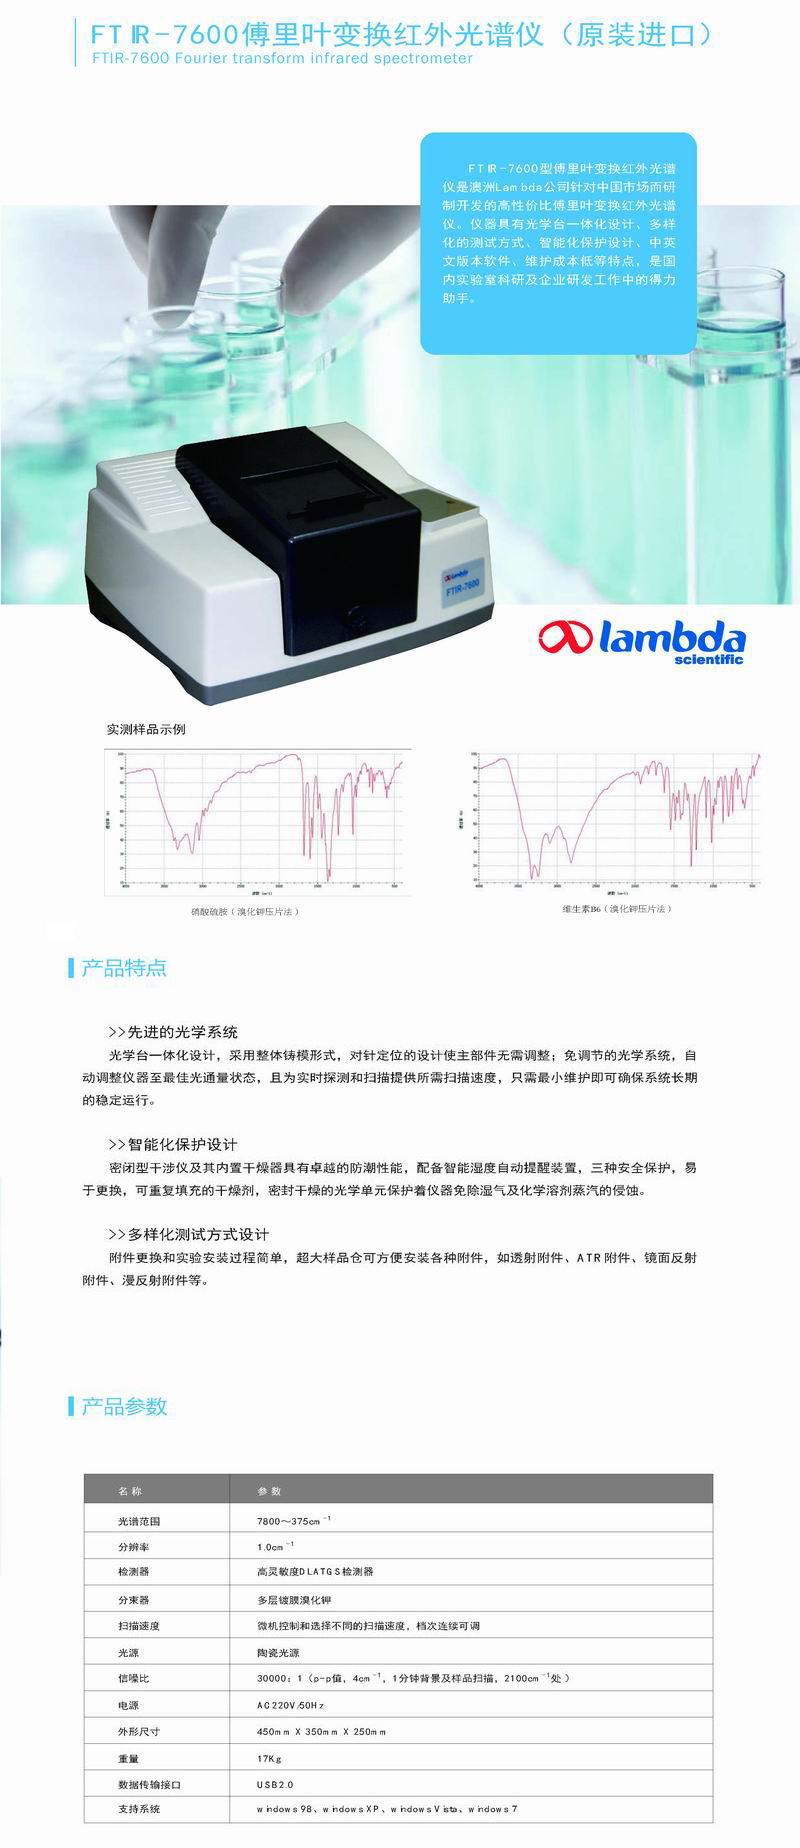 FTIR-7600傅里叶变换红外光谱仪简介